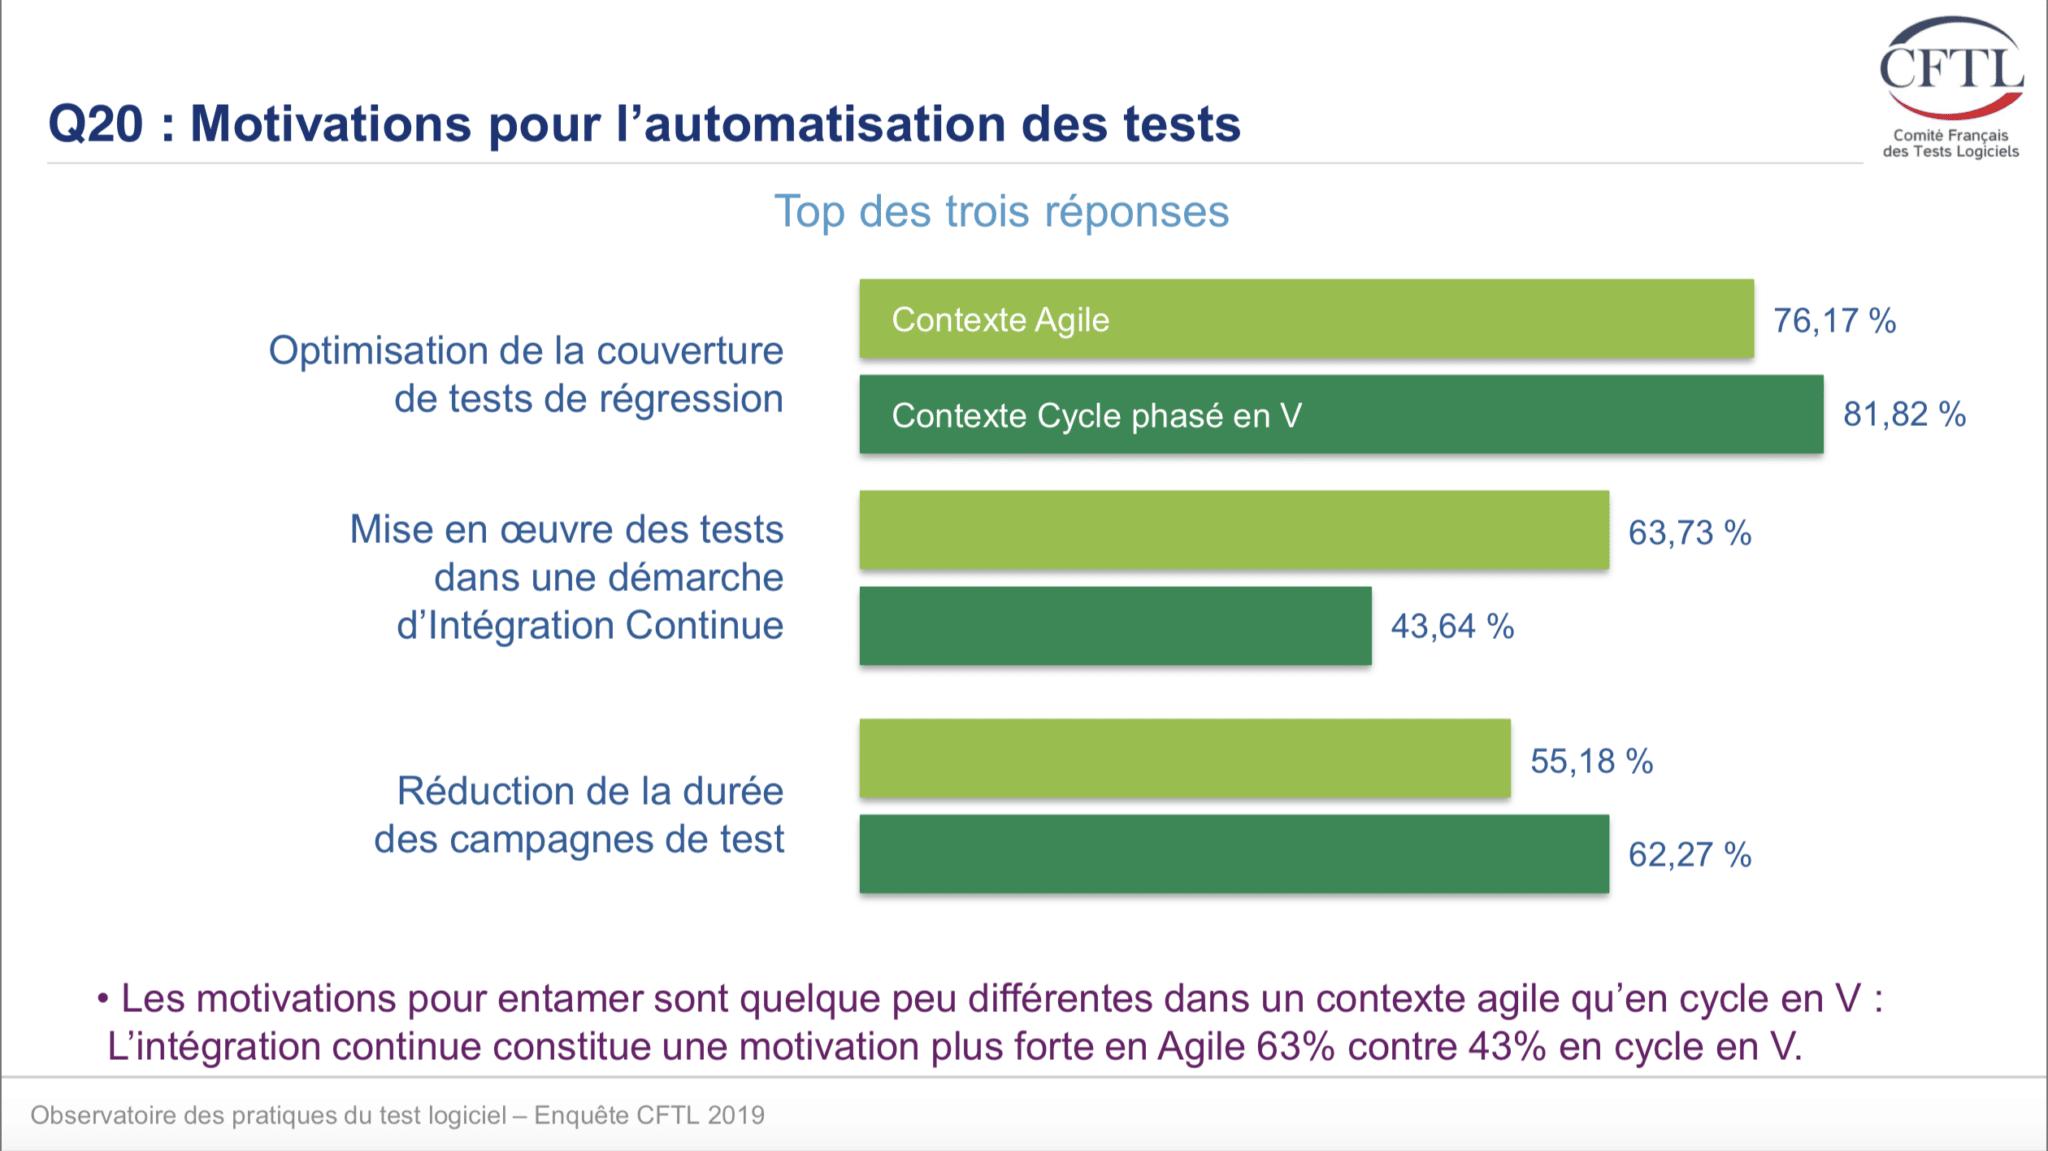 Visuel sur les motivations pour l'automatisation des tests